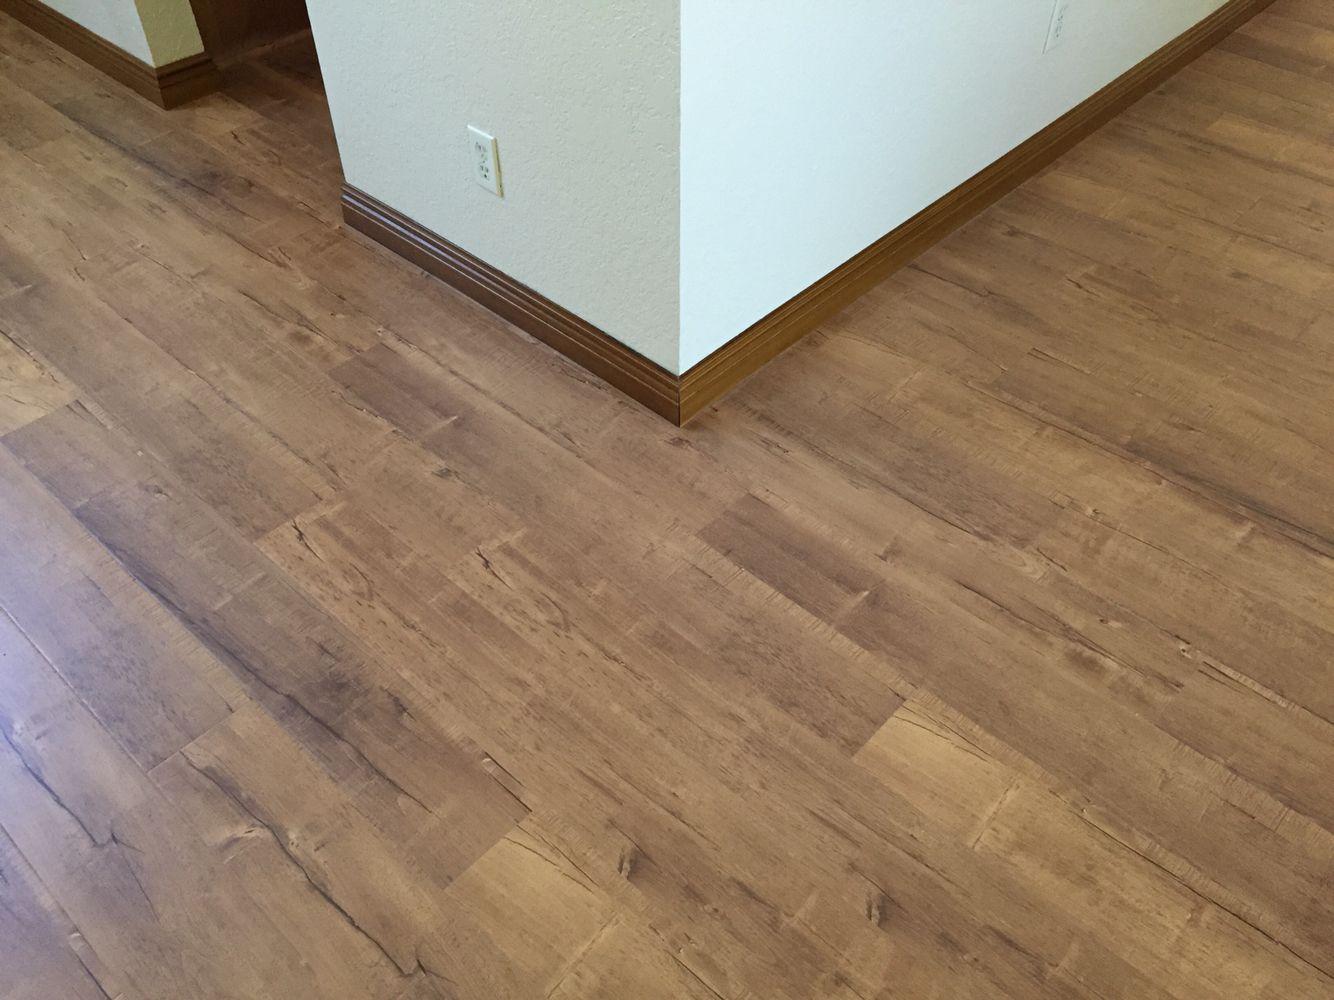 Chestnut 12 3mm Hybrid Laminate Flooring Light Commercial Grade